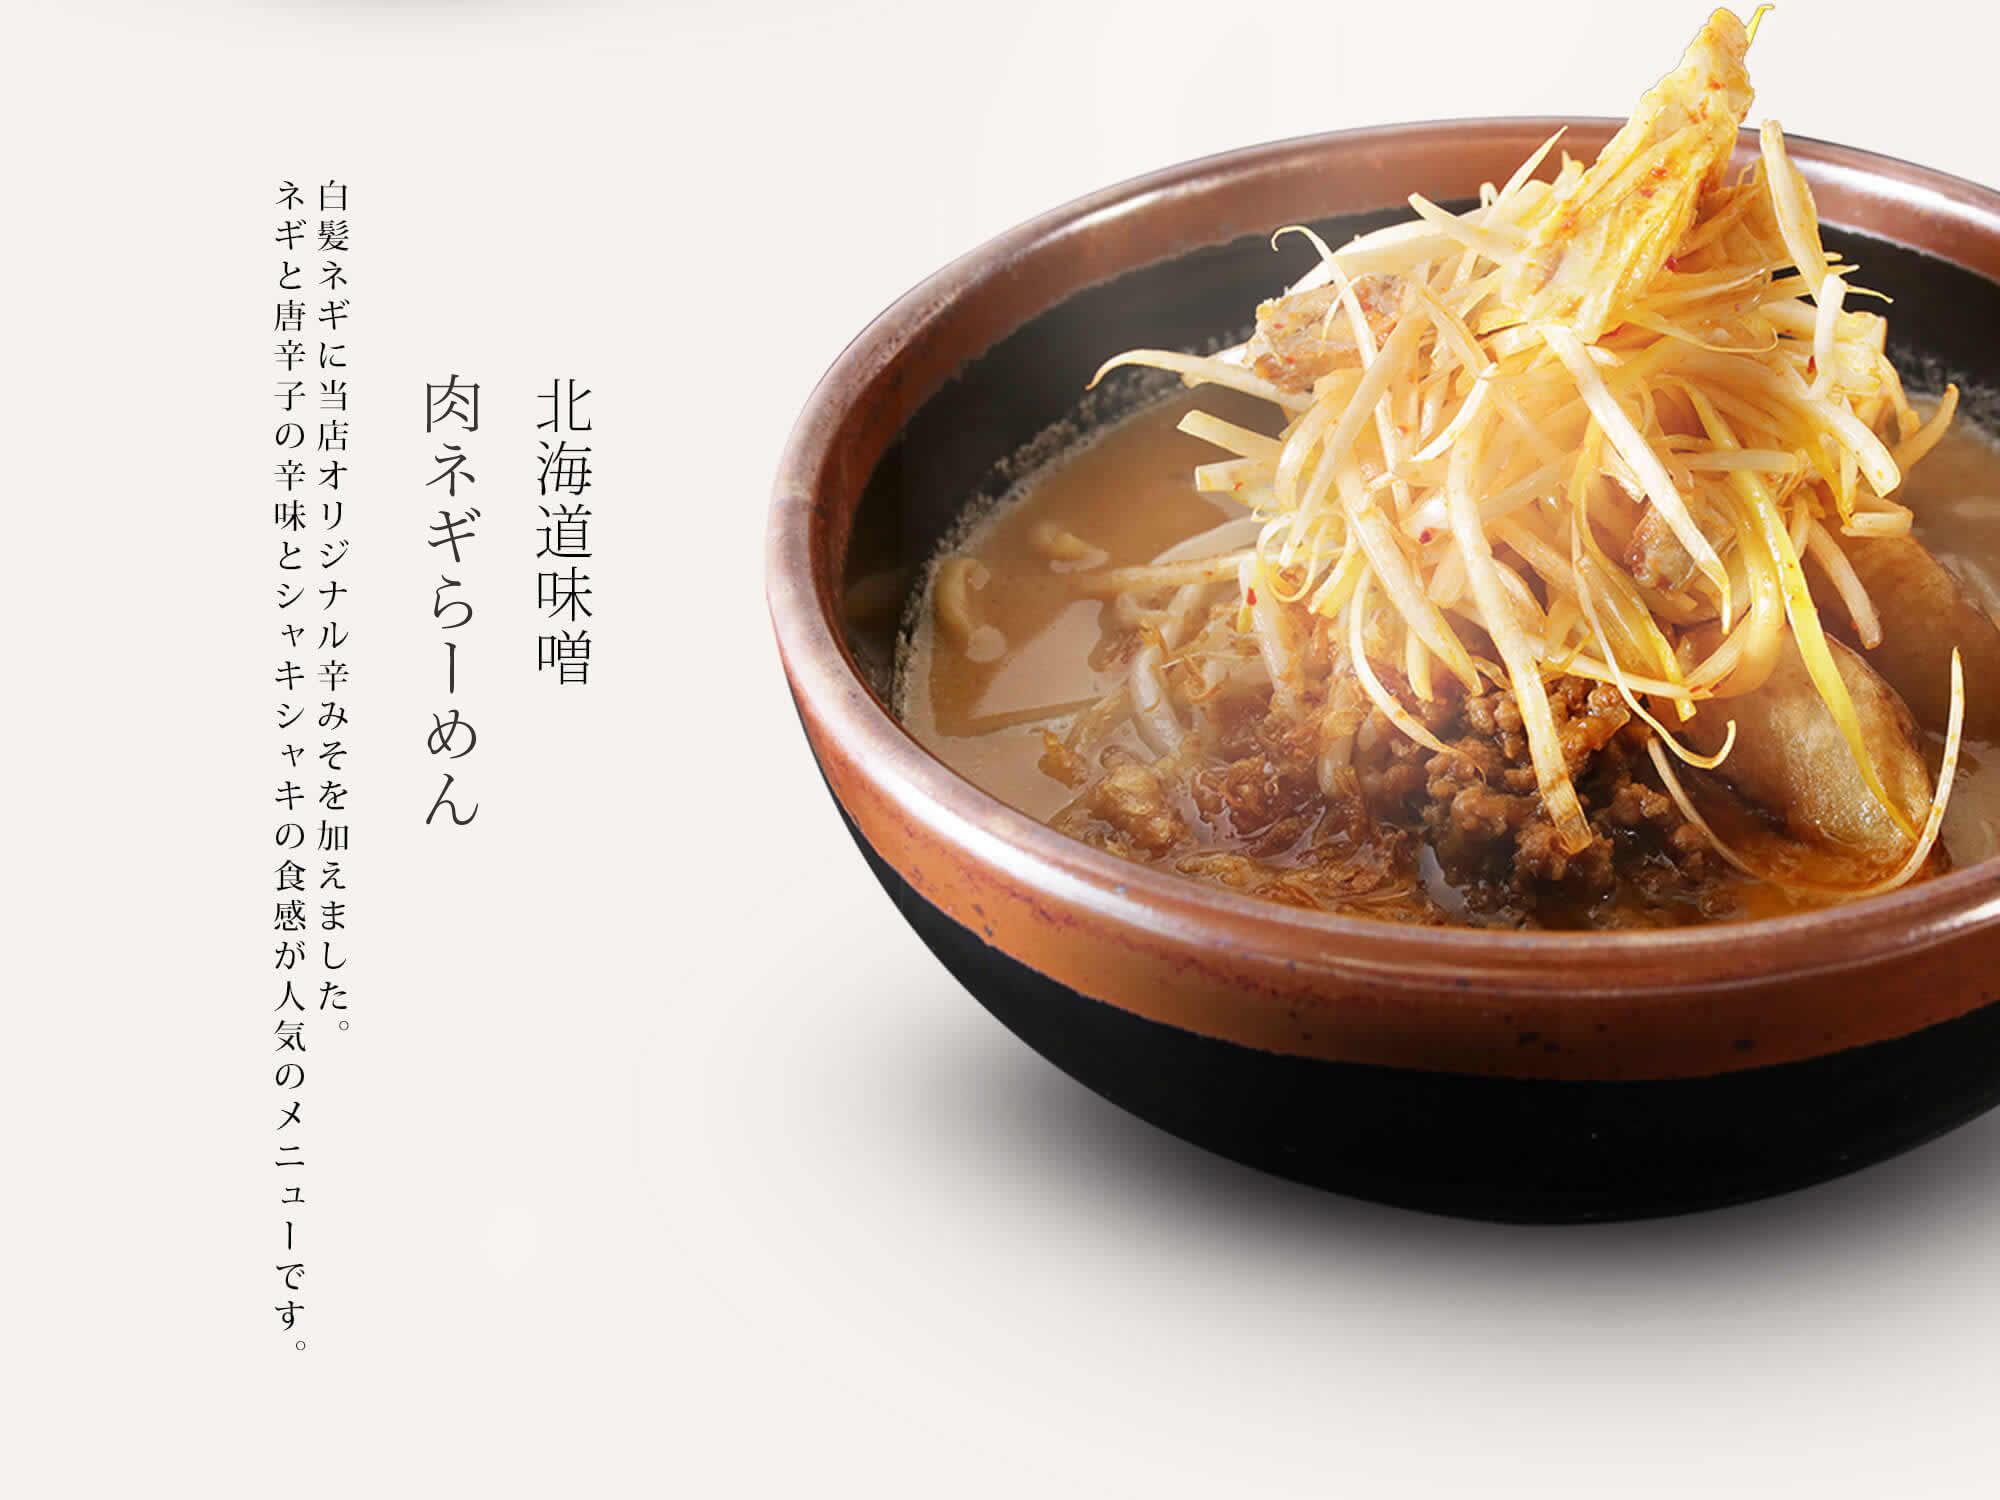 【北海道味噌 辛ネギらーめん】白髪ネギに当店オリジナル辛みそを加え、ネギと唐辛子の辛味とシャキシャキの食感が人気のメニューです。